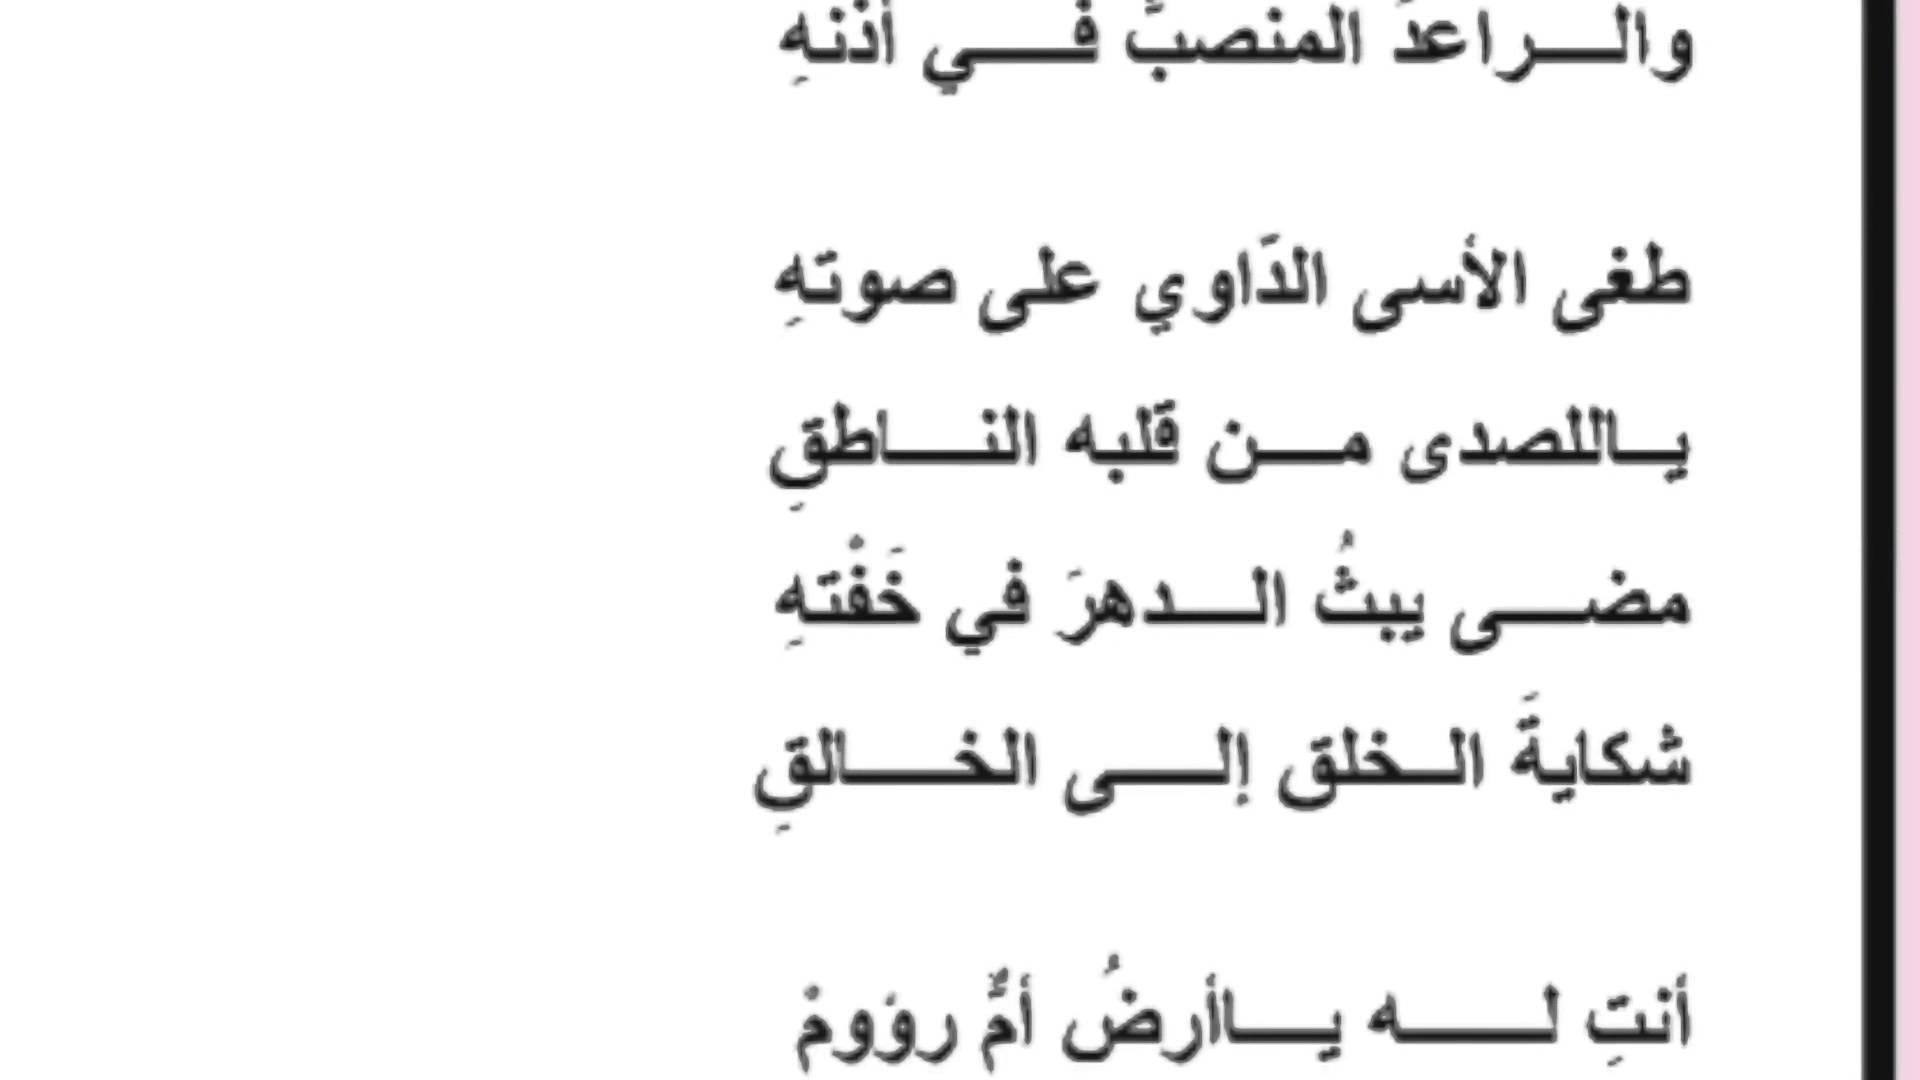 بالصور ابيات شعر قصيره حكم , شعر مثير يحتوى فى معانيه على حكم 5149 6